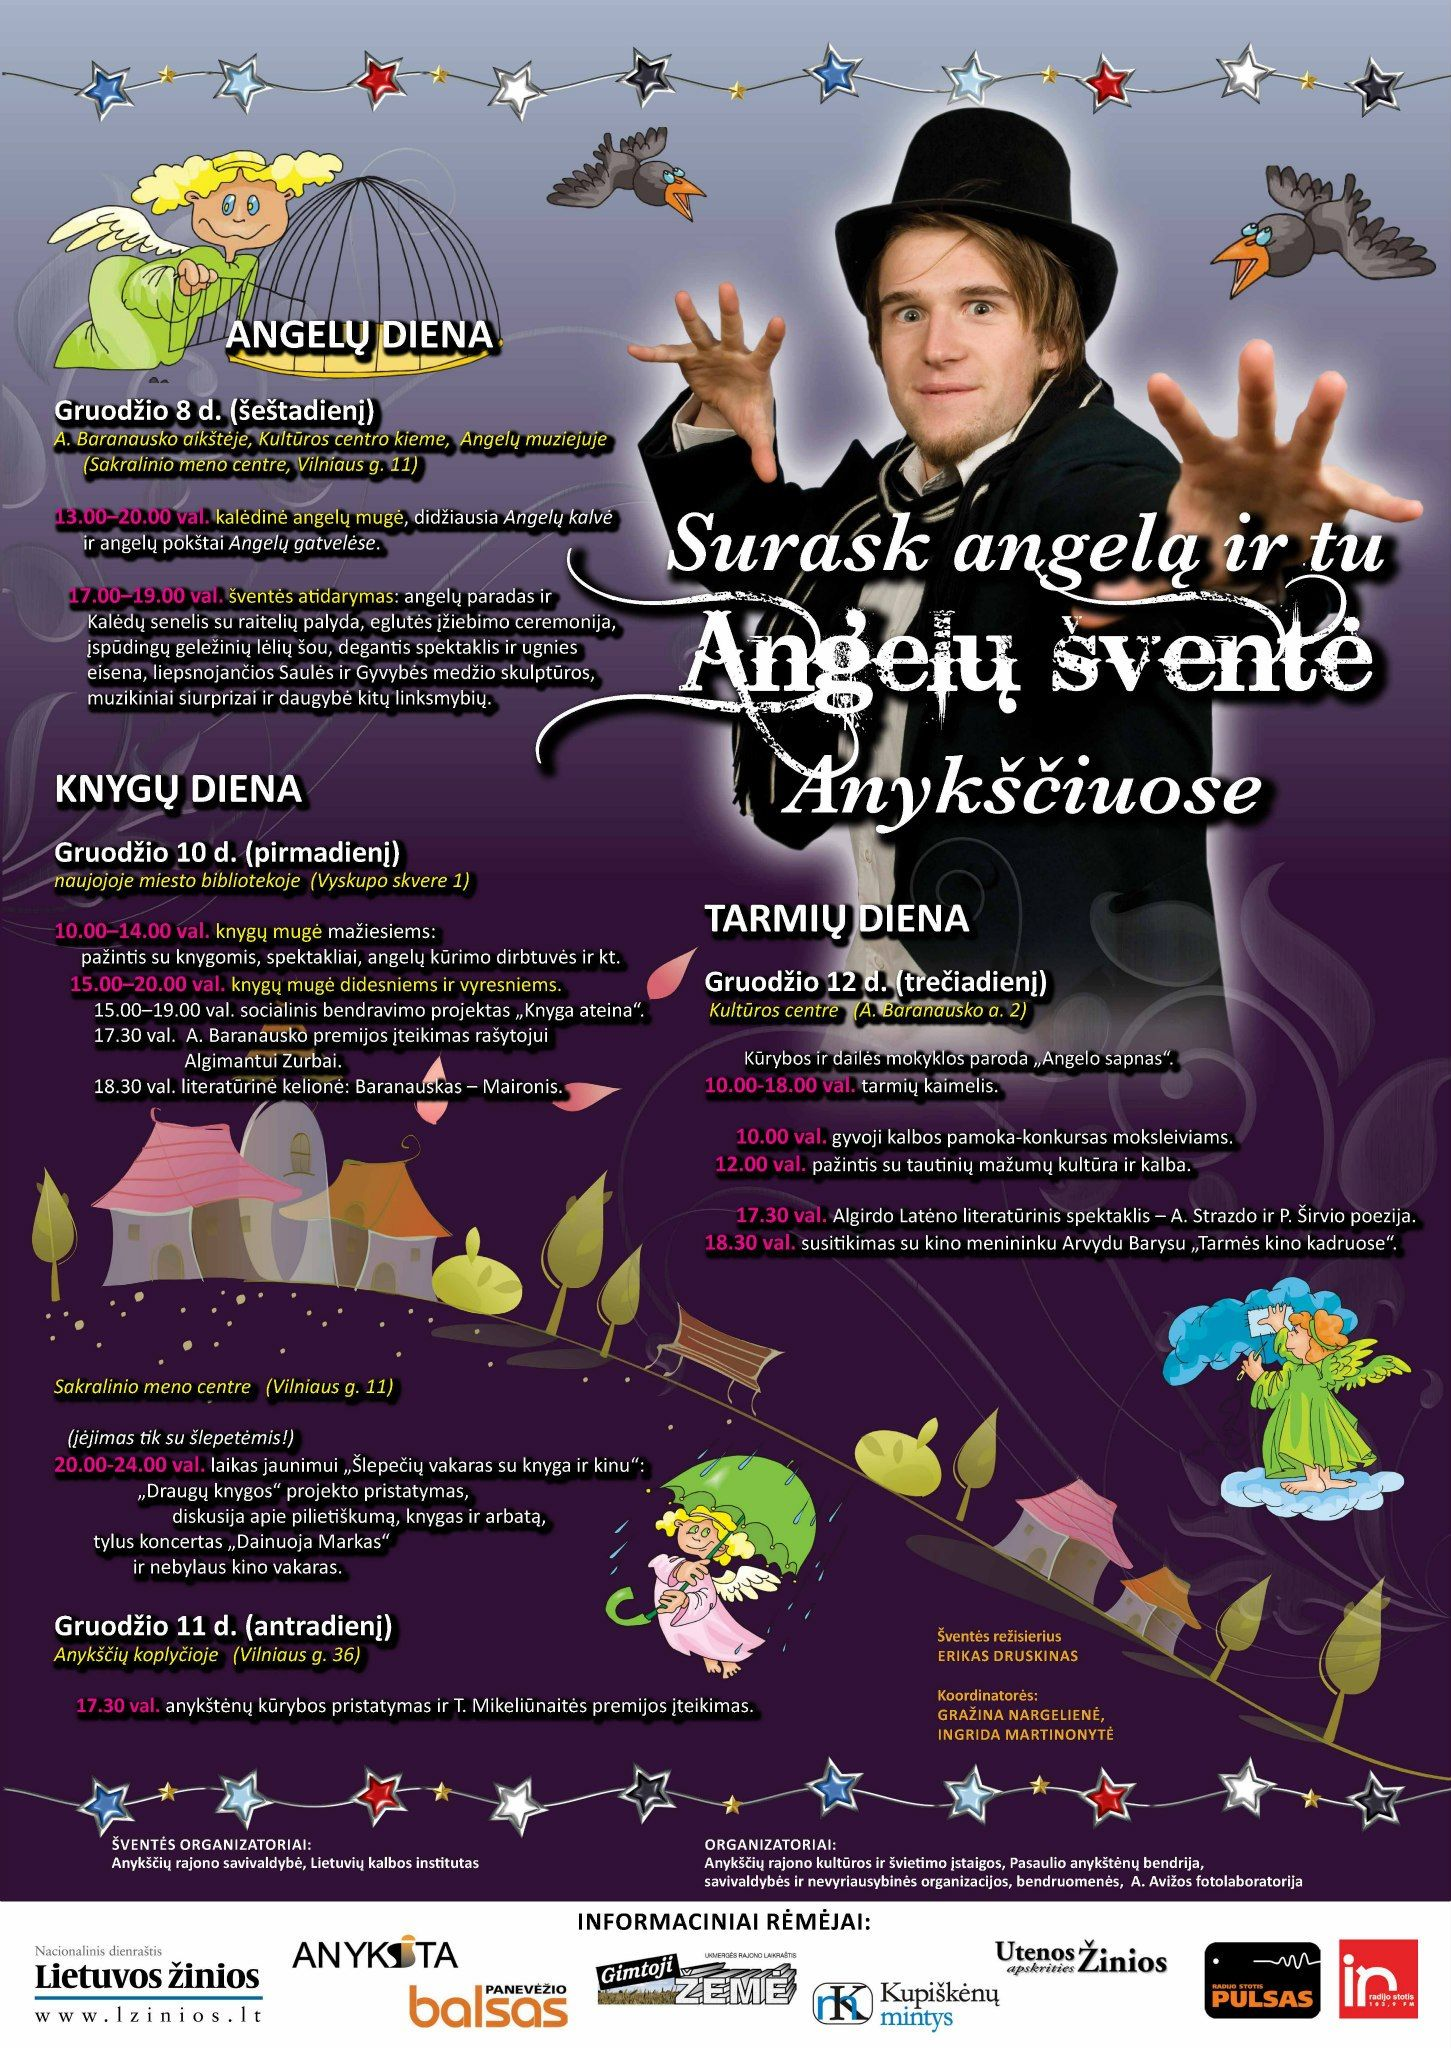 Angelų šventė Anykščiuose (2012) - T. Mikeliūnaitės premijos teikimas